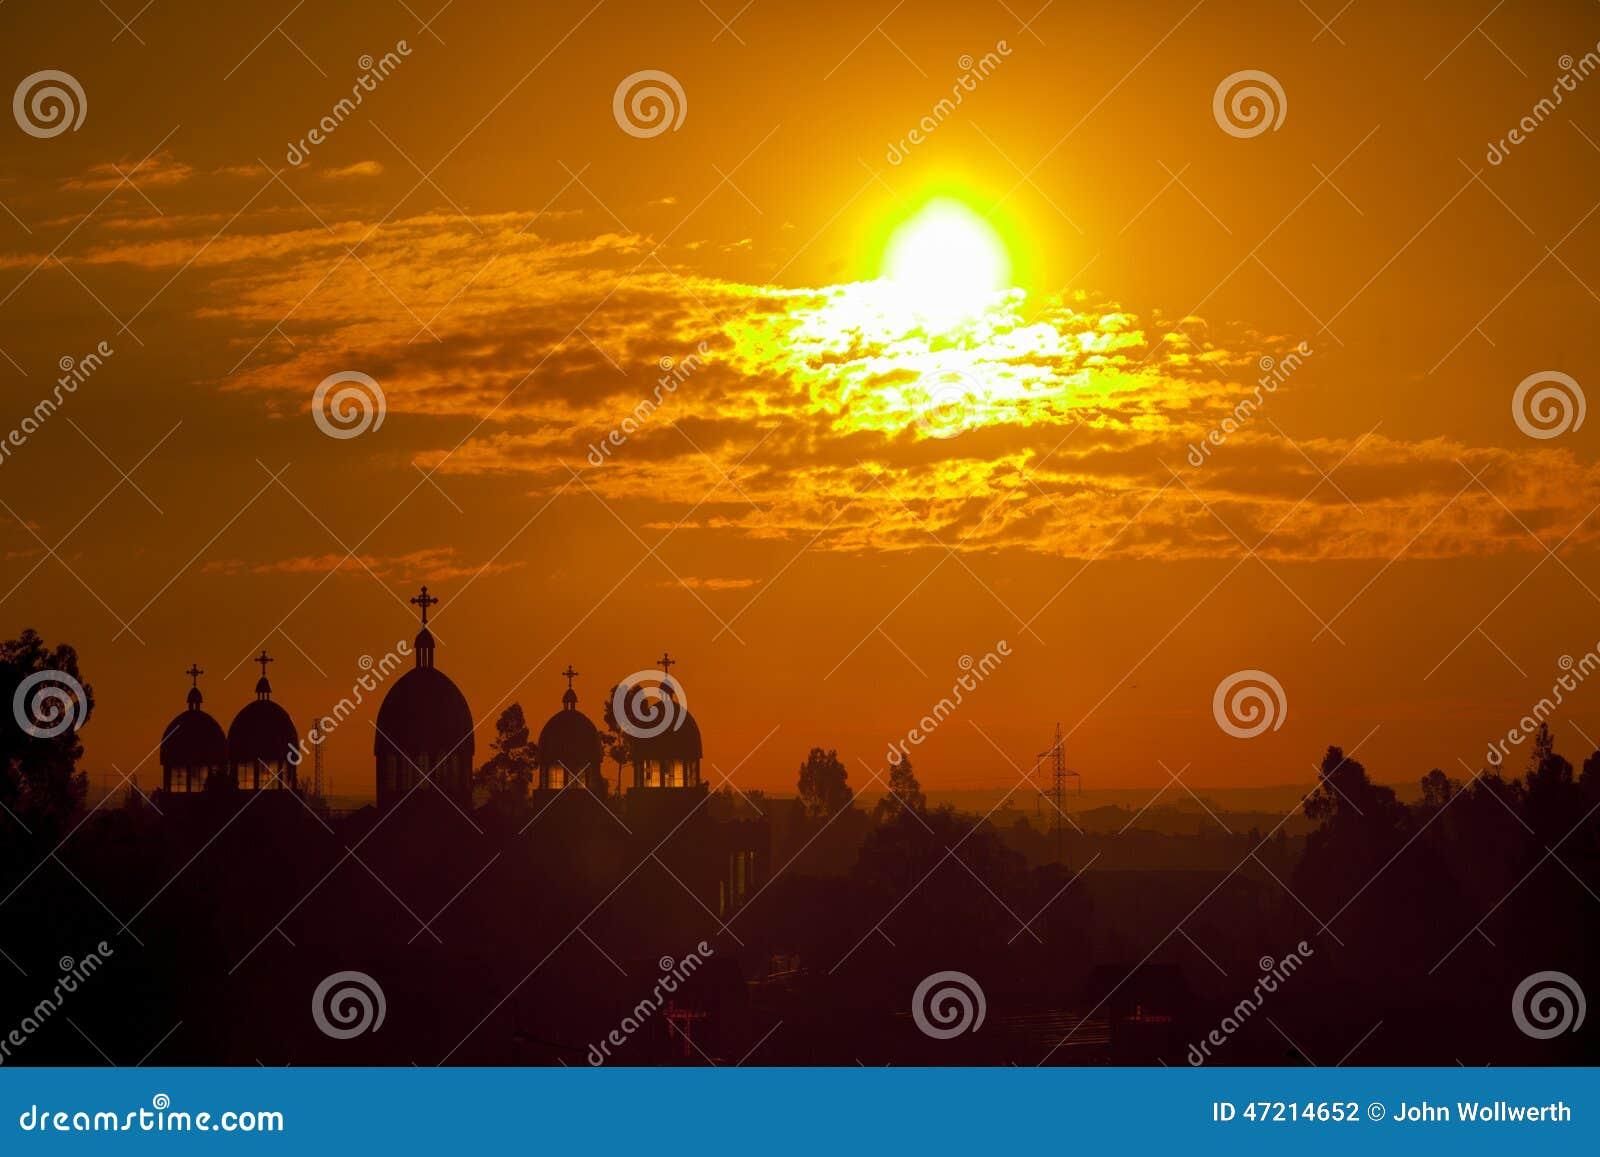 Аддис-Абеба на восходе солнца